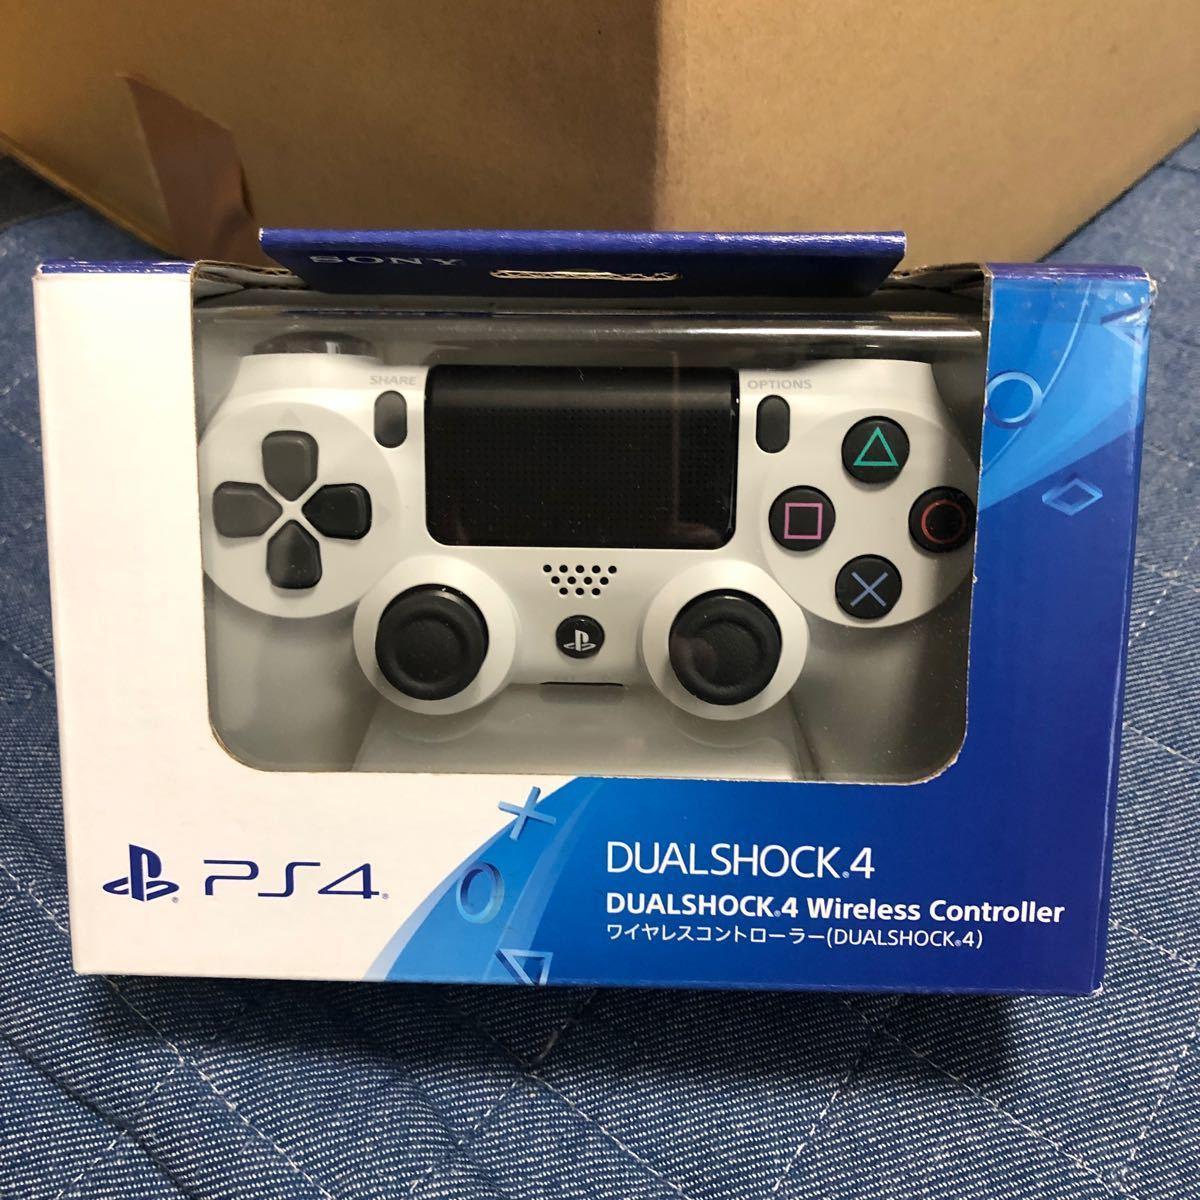 PS4 ワイヤレスコントローラー グレイシャーホワイト